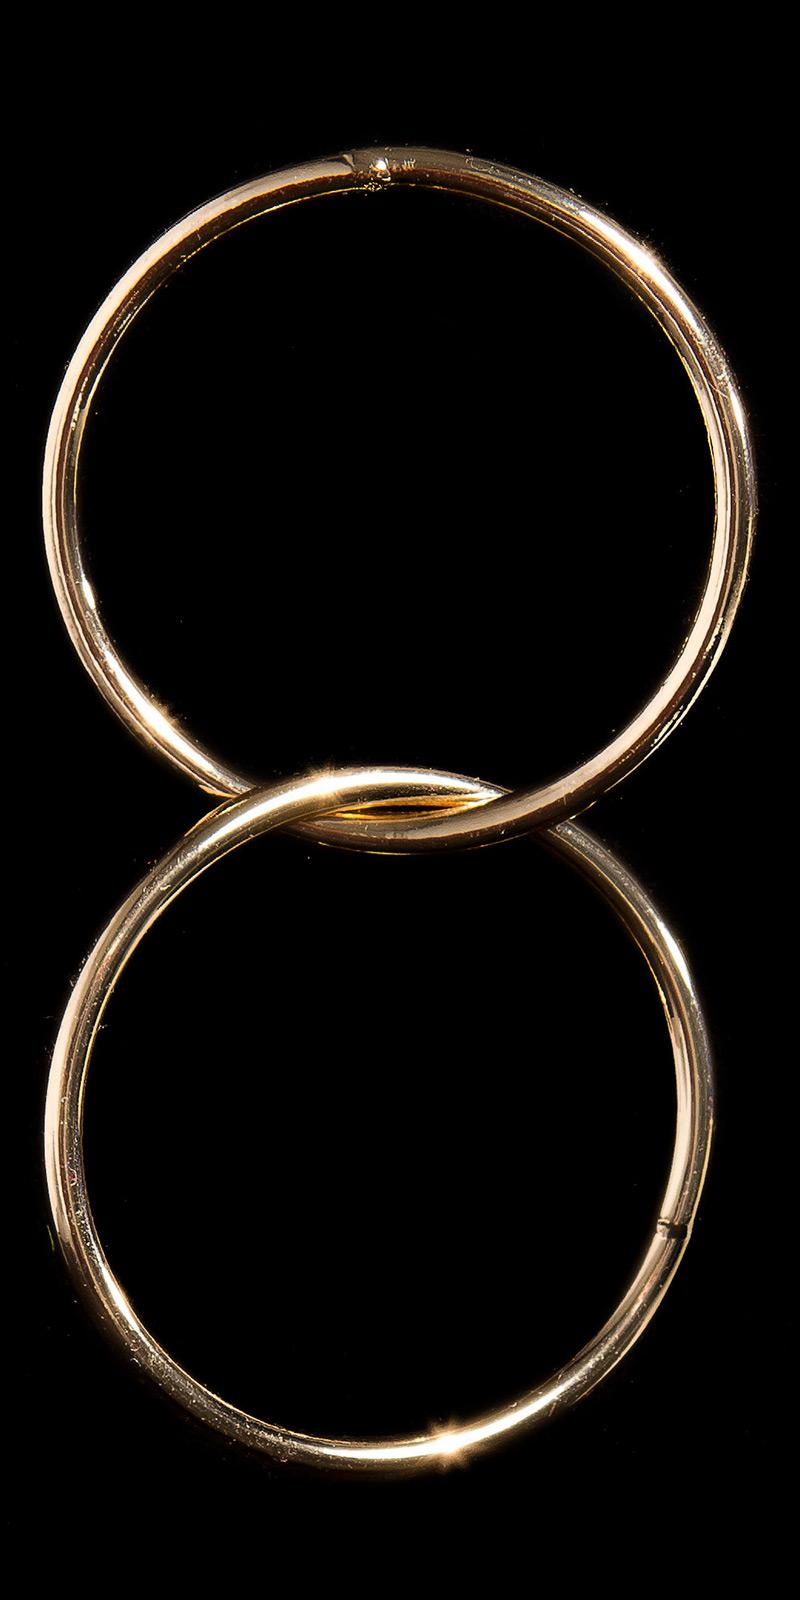 la moda ear plug in ring optic